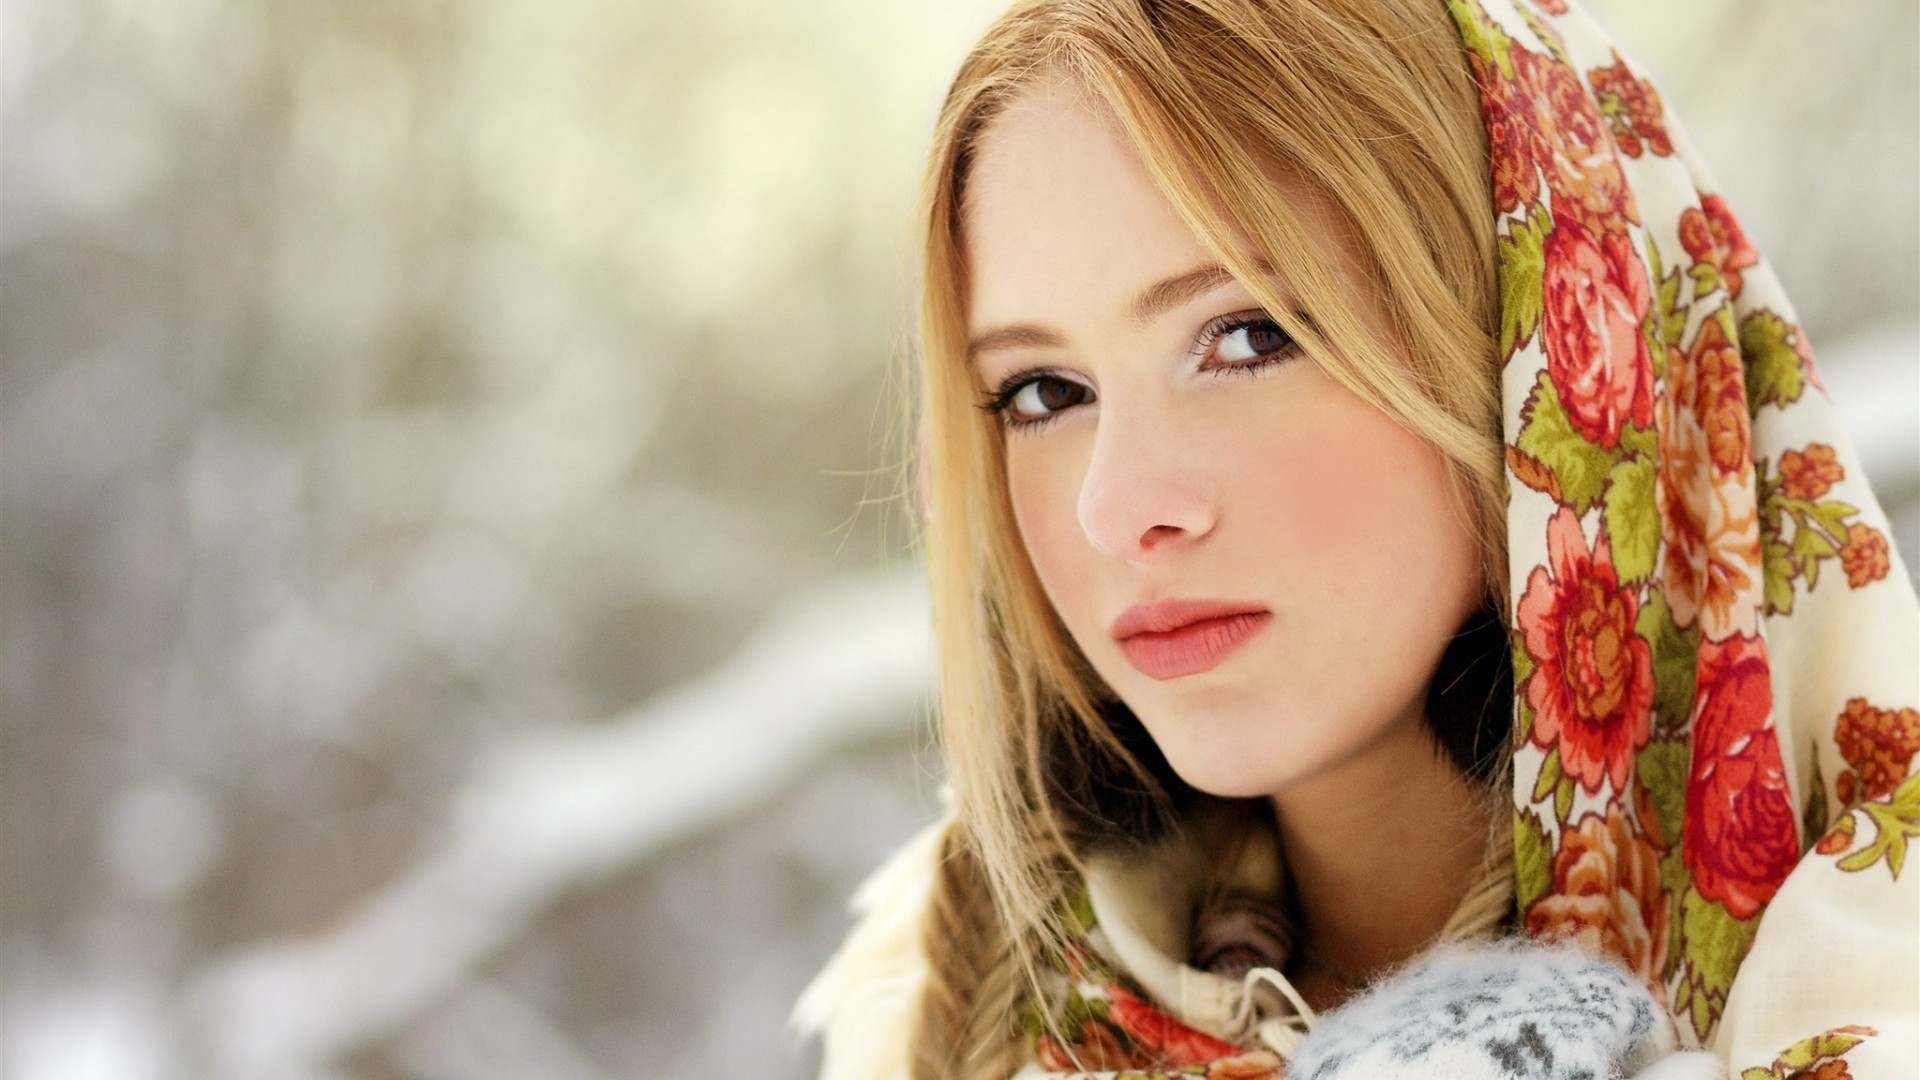 Russian Girls, Beautiful Girls, Girls Pictures, Pretty Girls, Cute Girls,  Beautyful